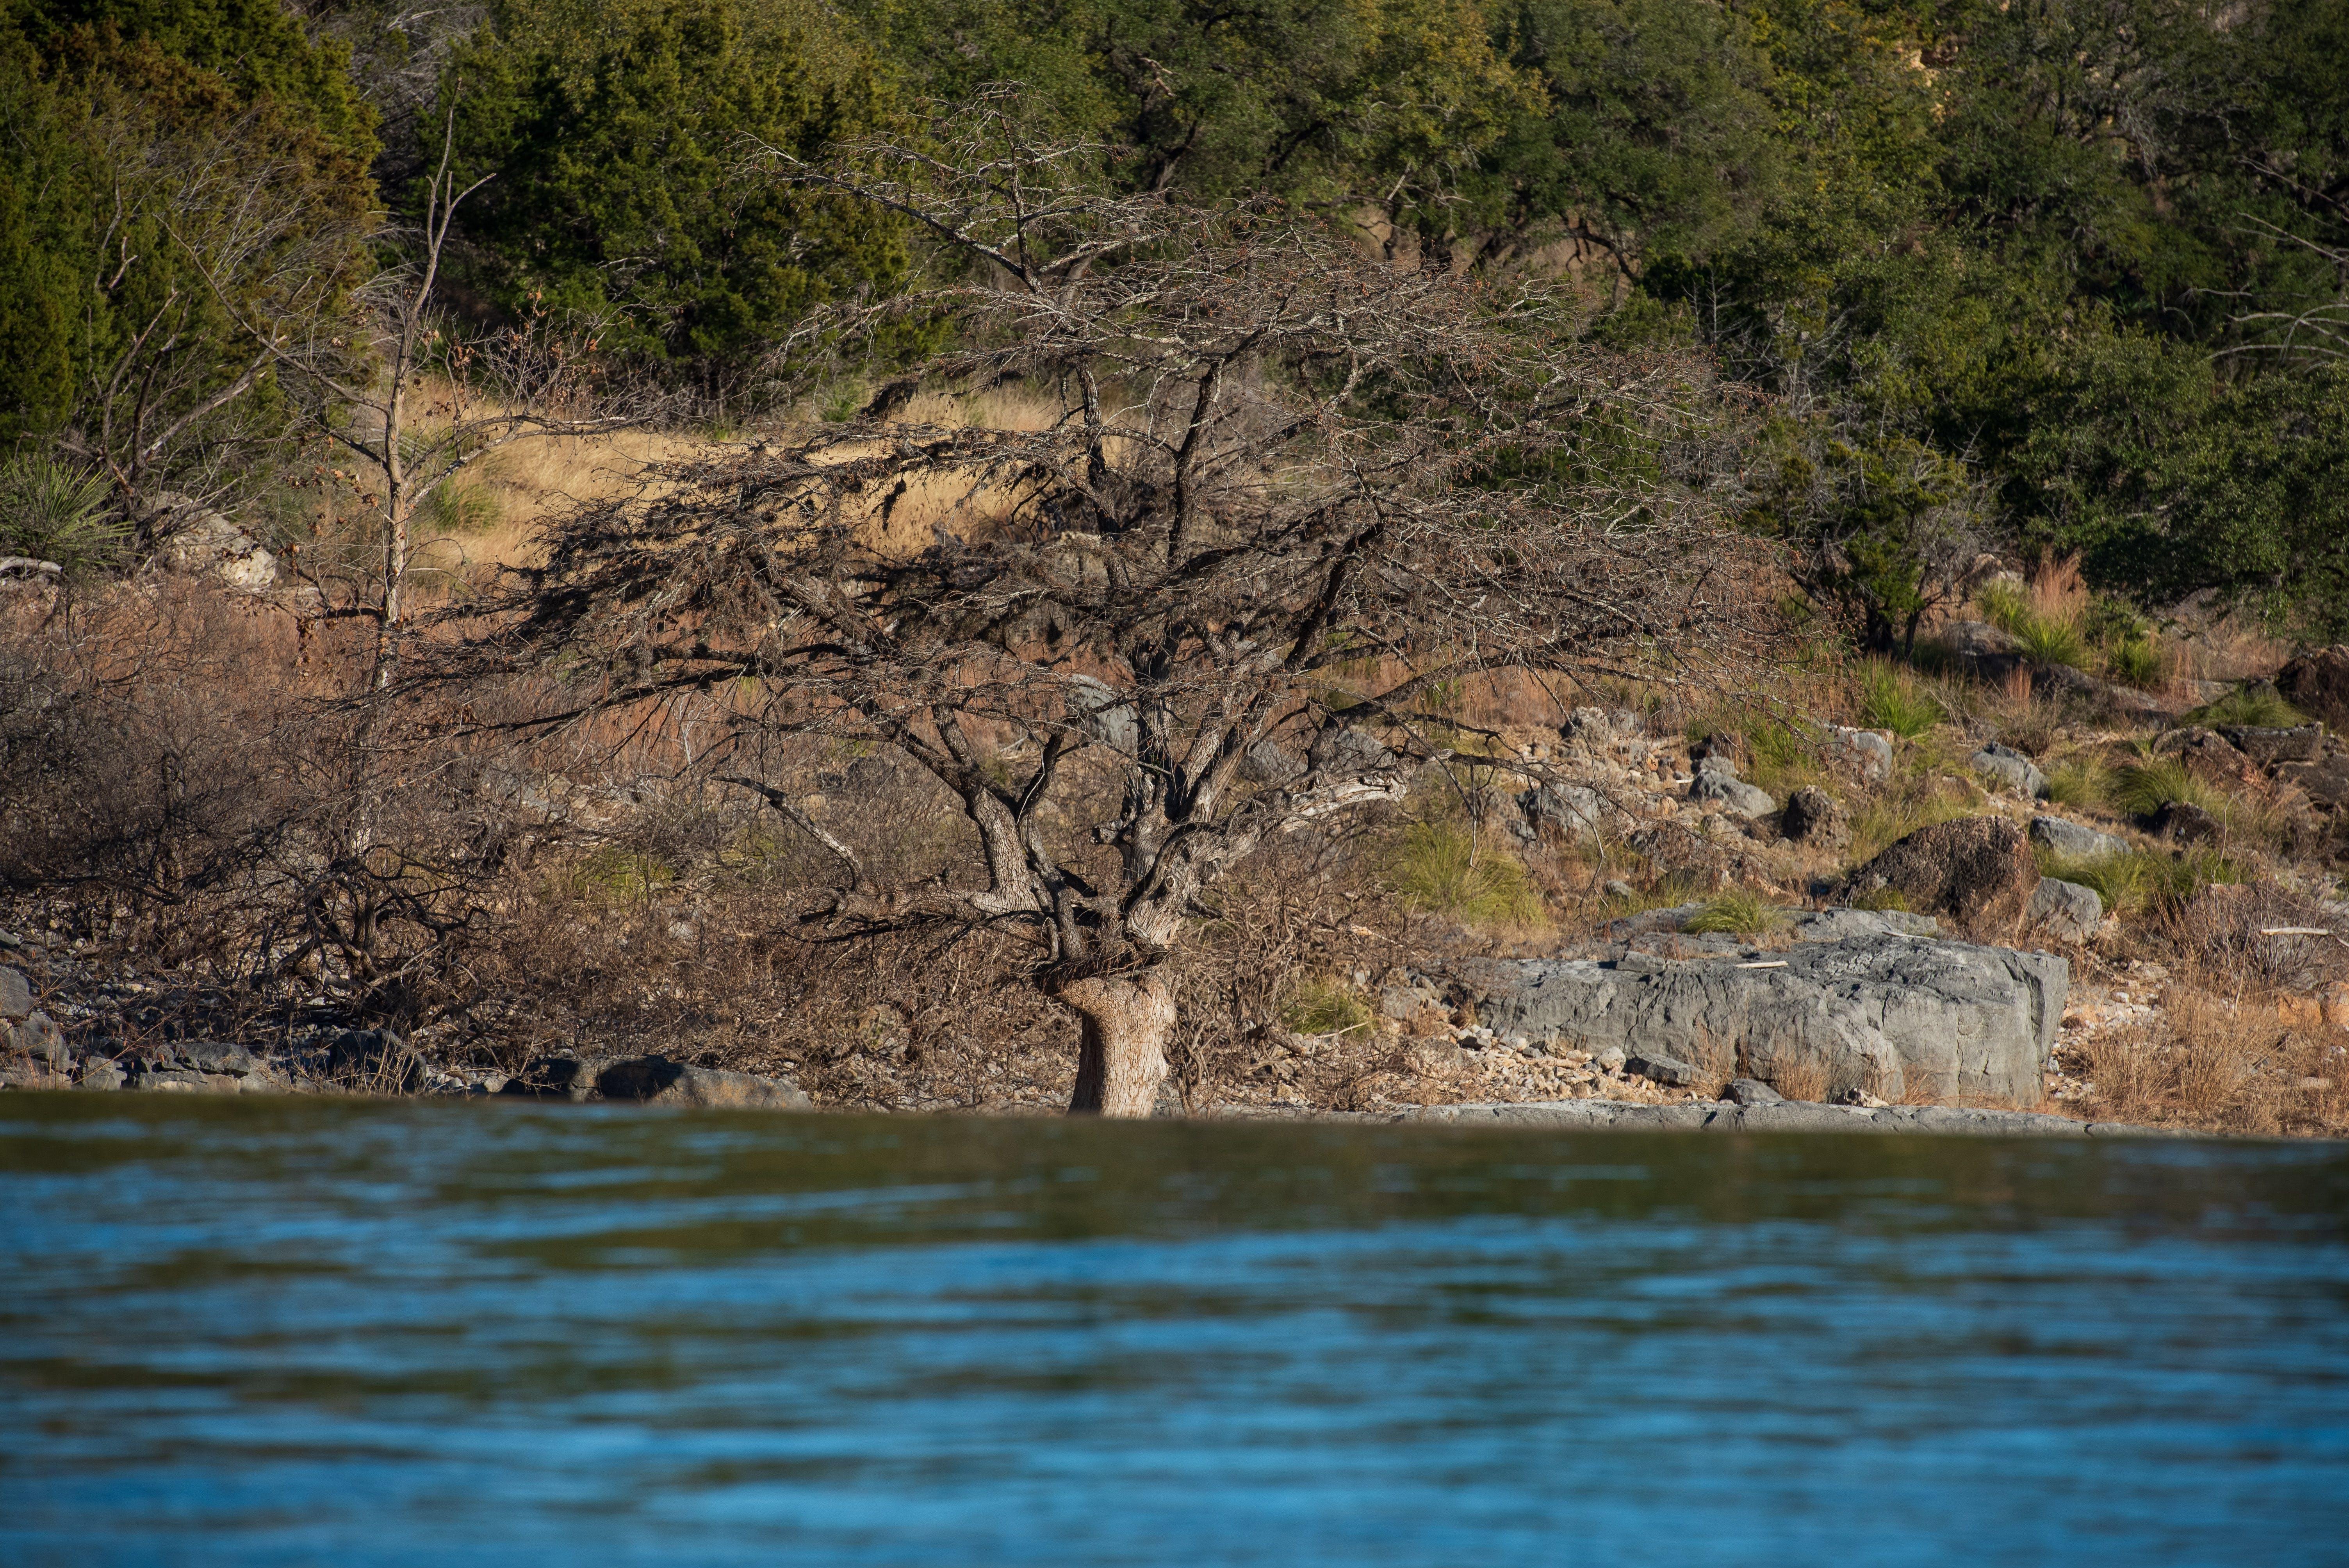 Δωρεάν στοκ φωτογραφιών με pedernales falls, waterf, τοπίο